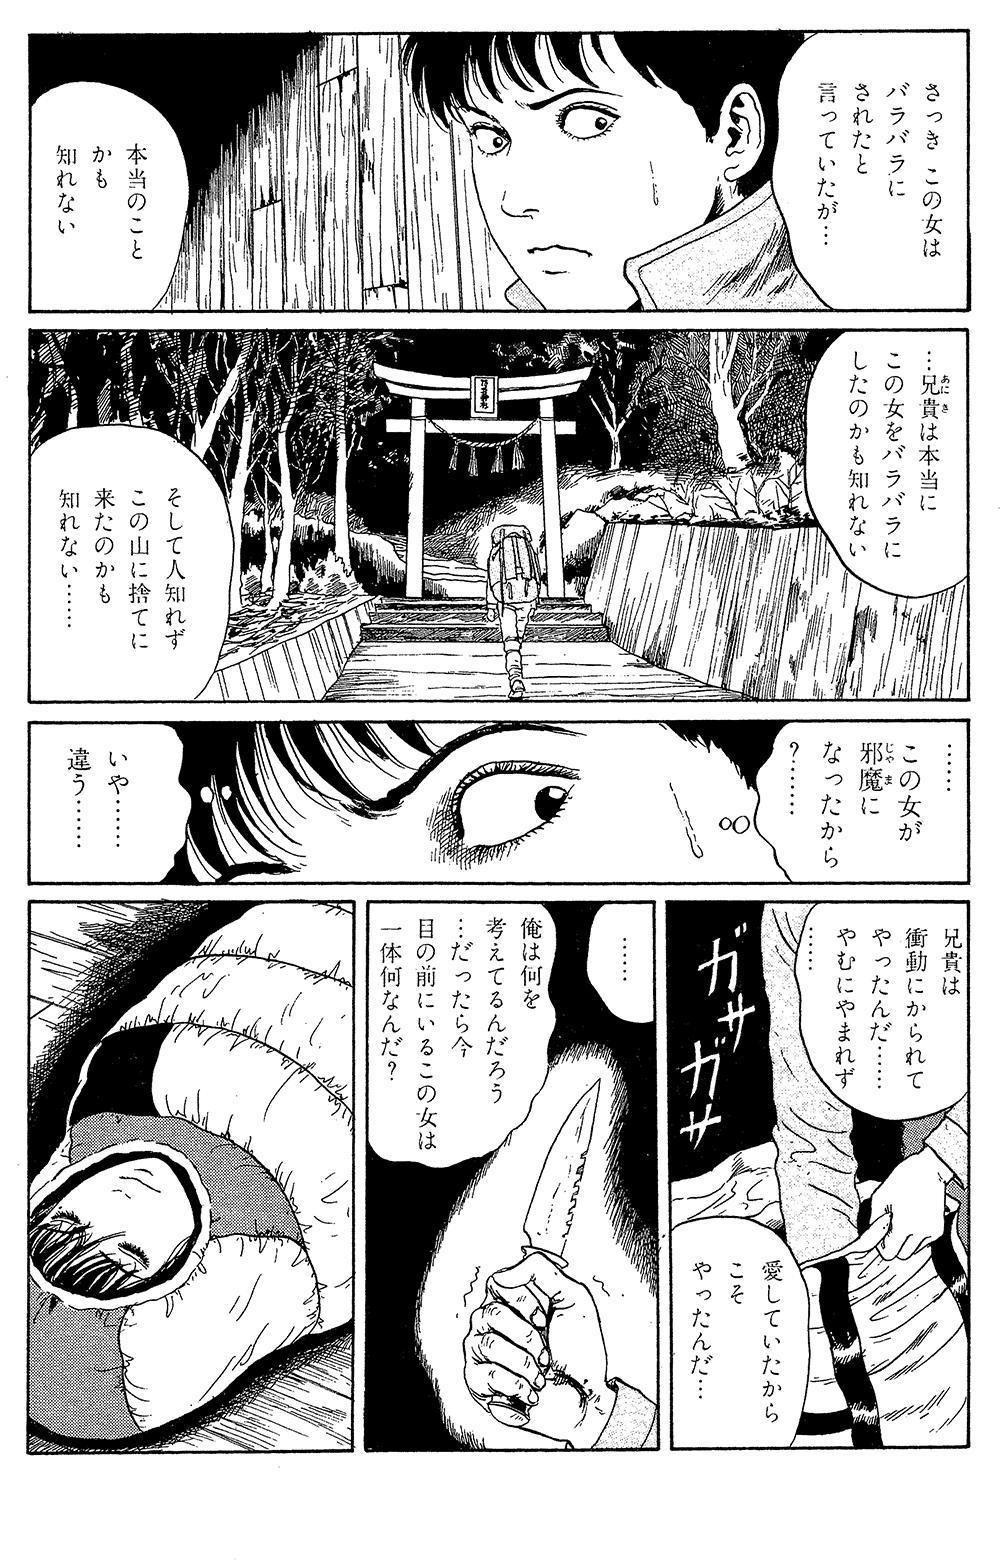 伊藤潤二傑作集 第7話「富江・復讐」2itouj24-0302.jpg